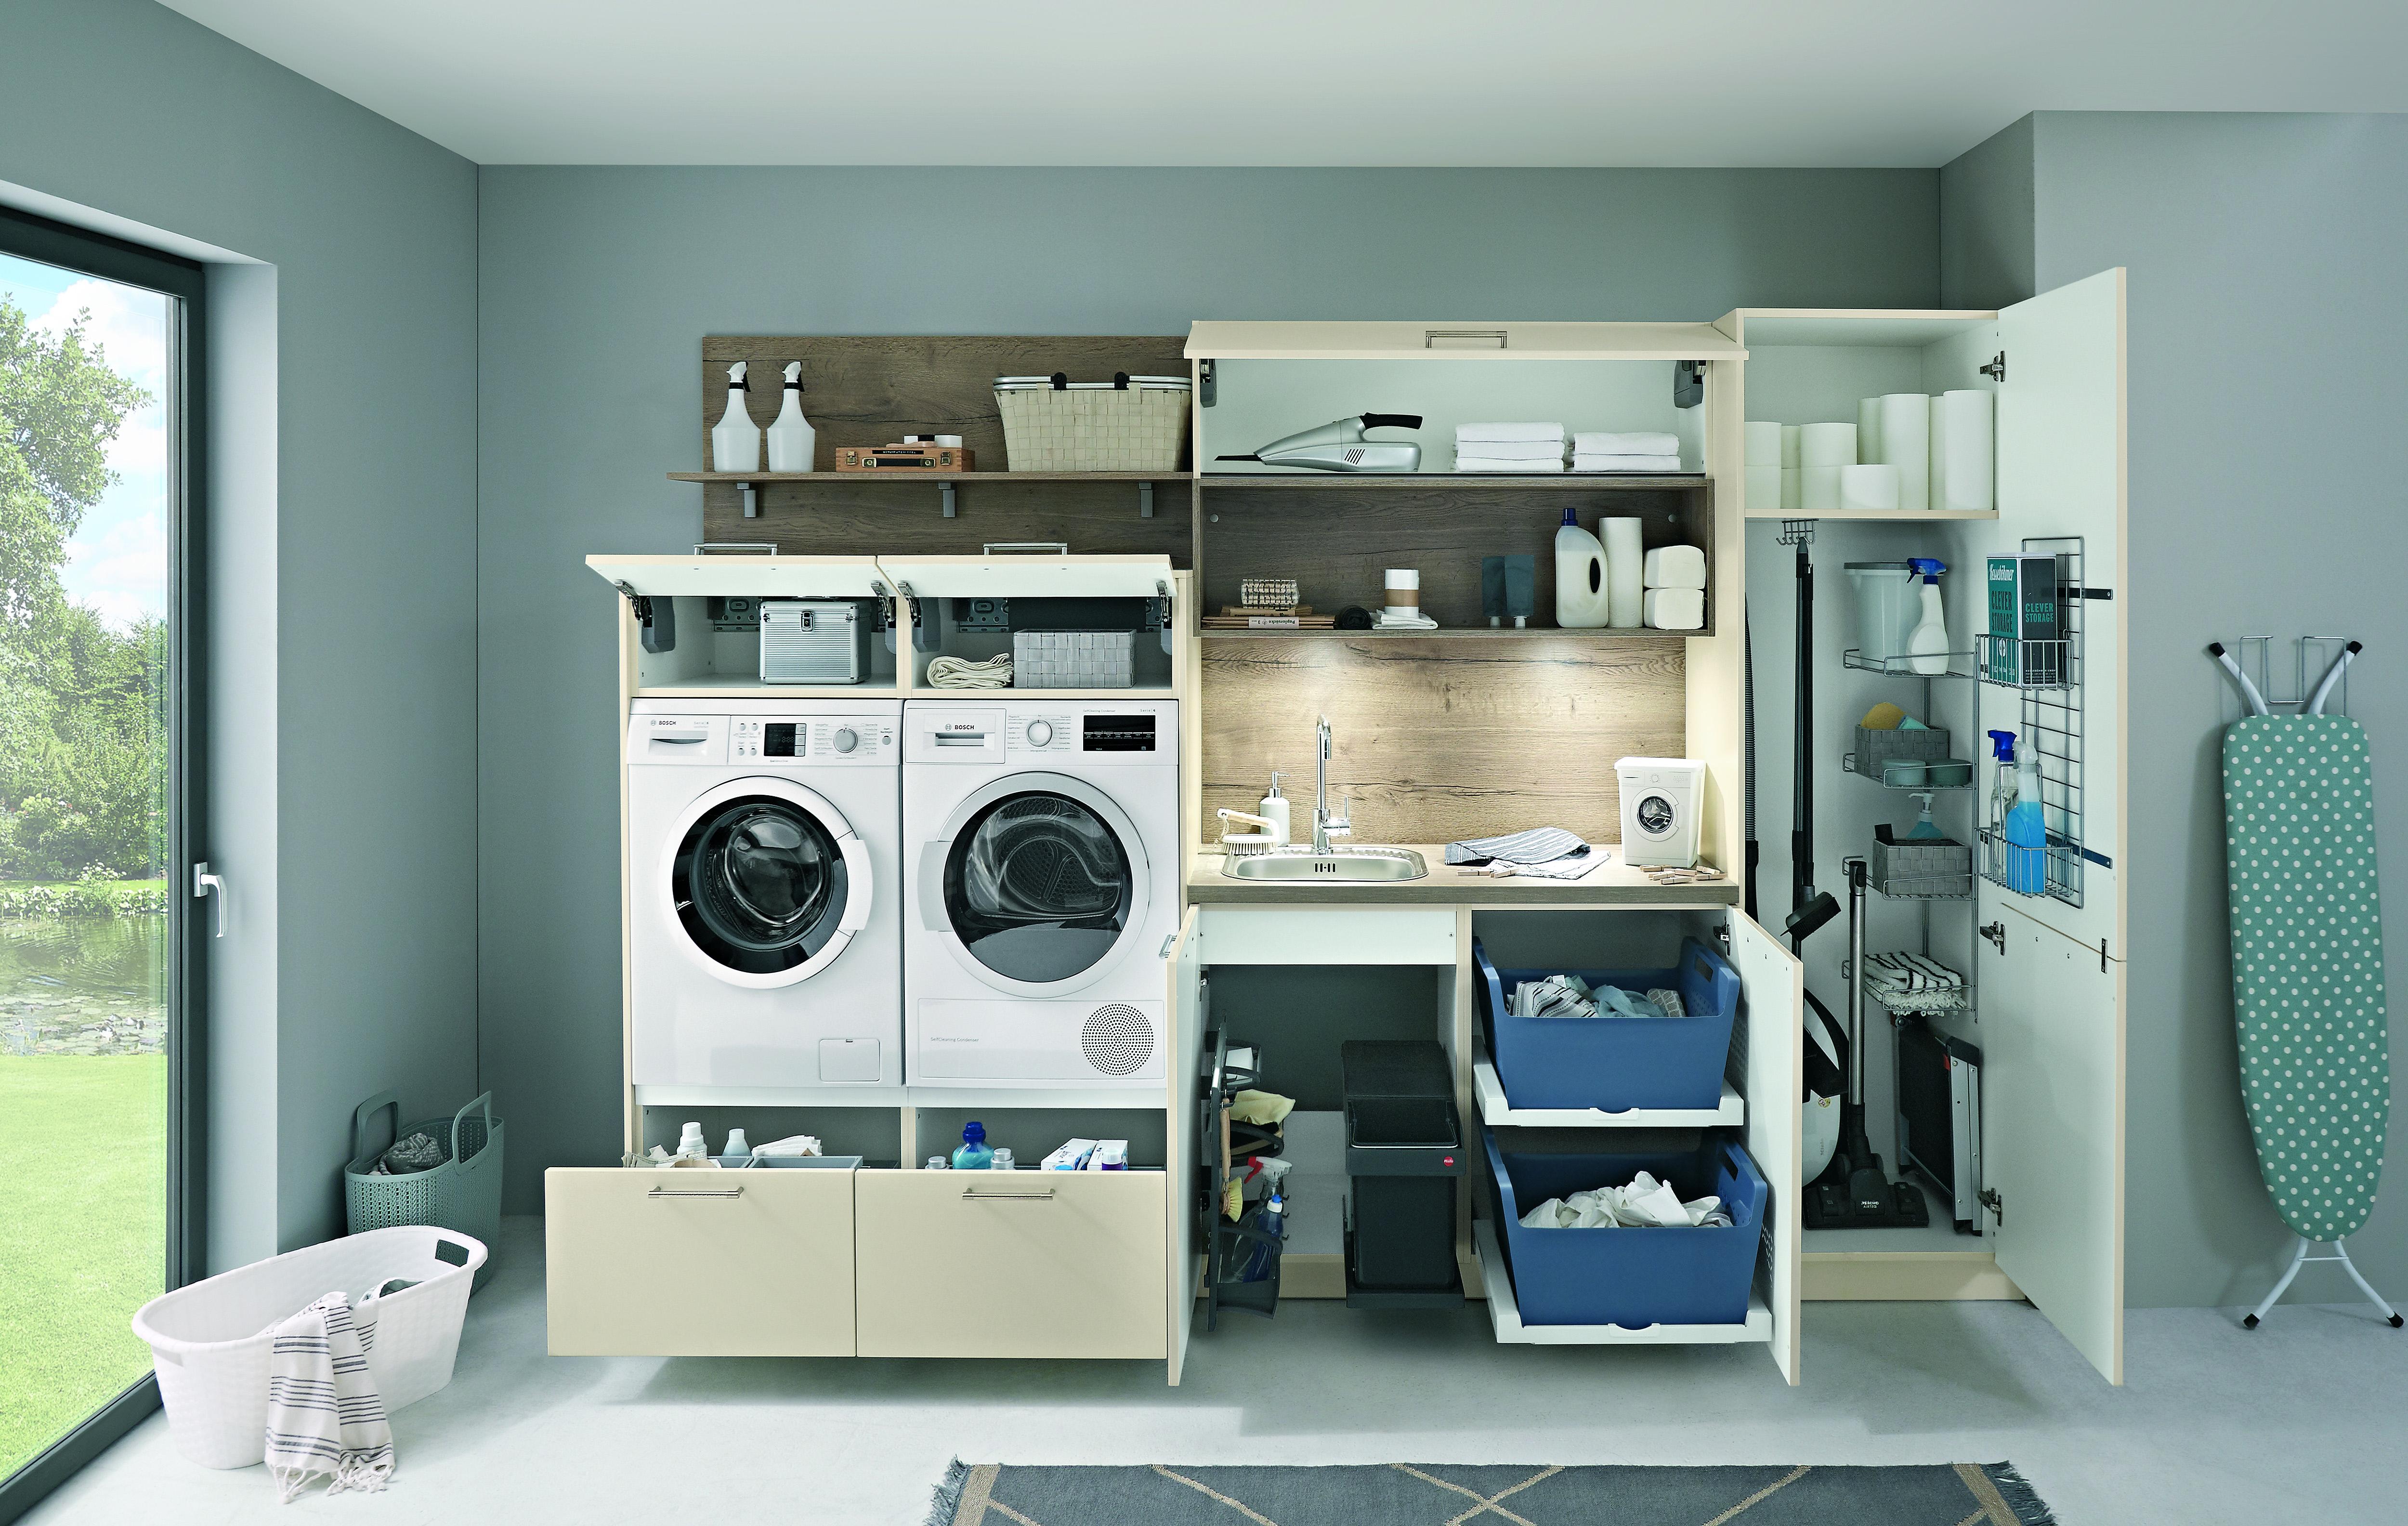 Einen Hauswirtschaftsraum planen und praktisch einrichten - Küche&Co